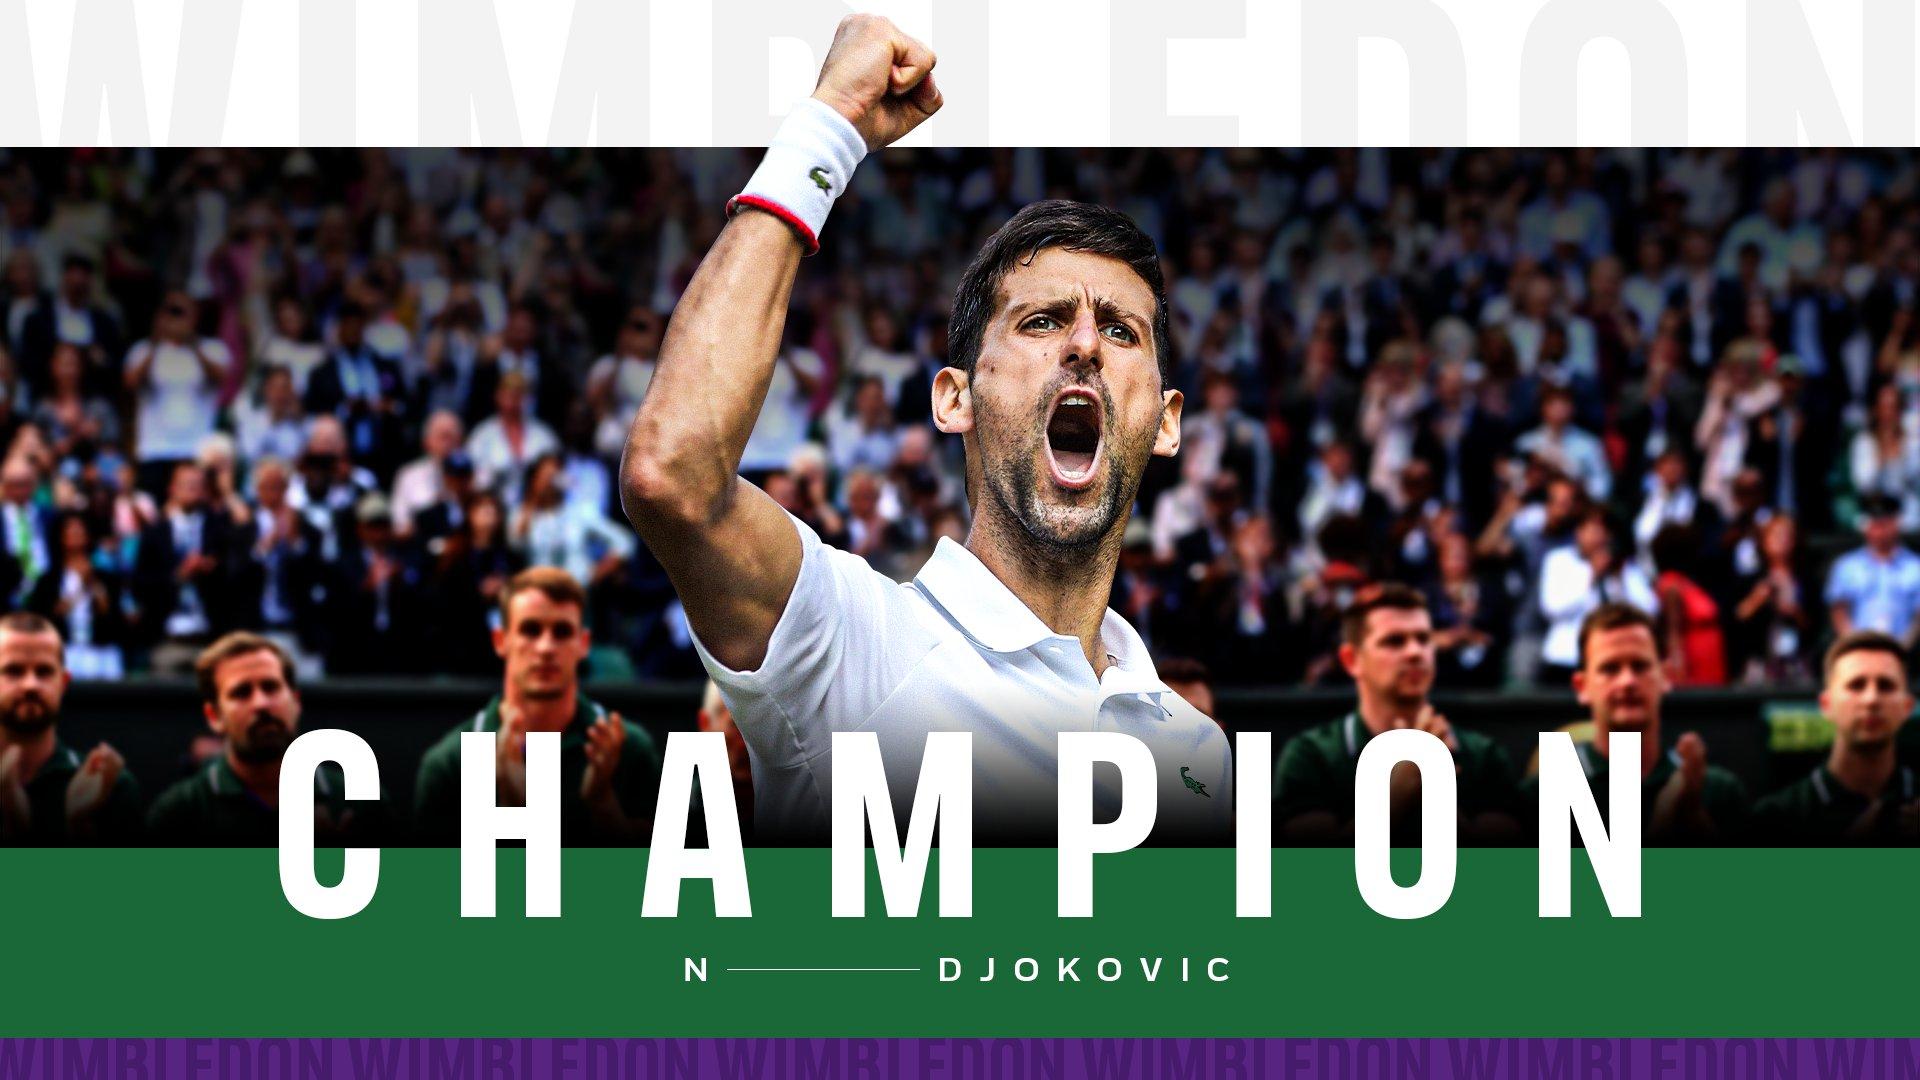 Wimbledon: नोवाक जोकोविच ने रचा इतिहास, 20वां ग्रैंडस्लैम जीत की नडाल और फेडरर की बराबरी